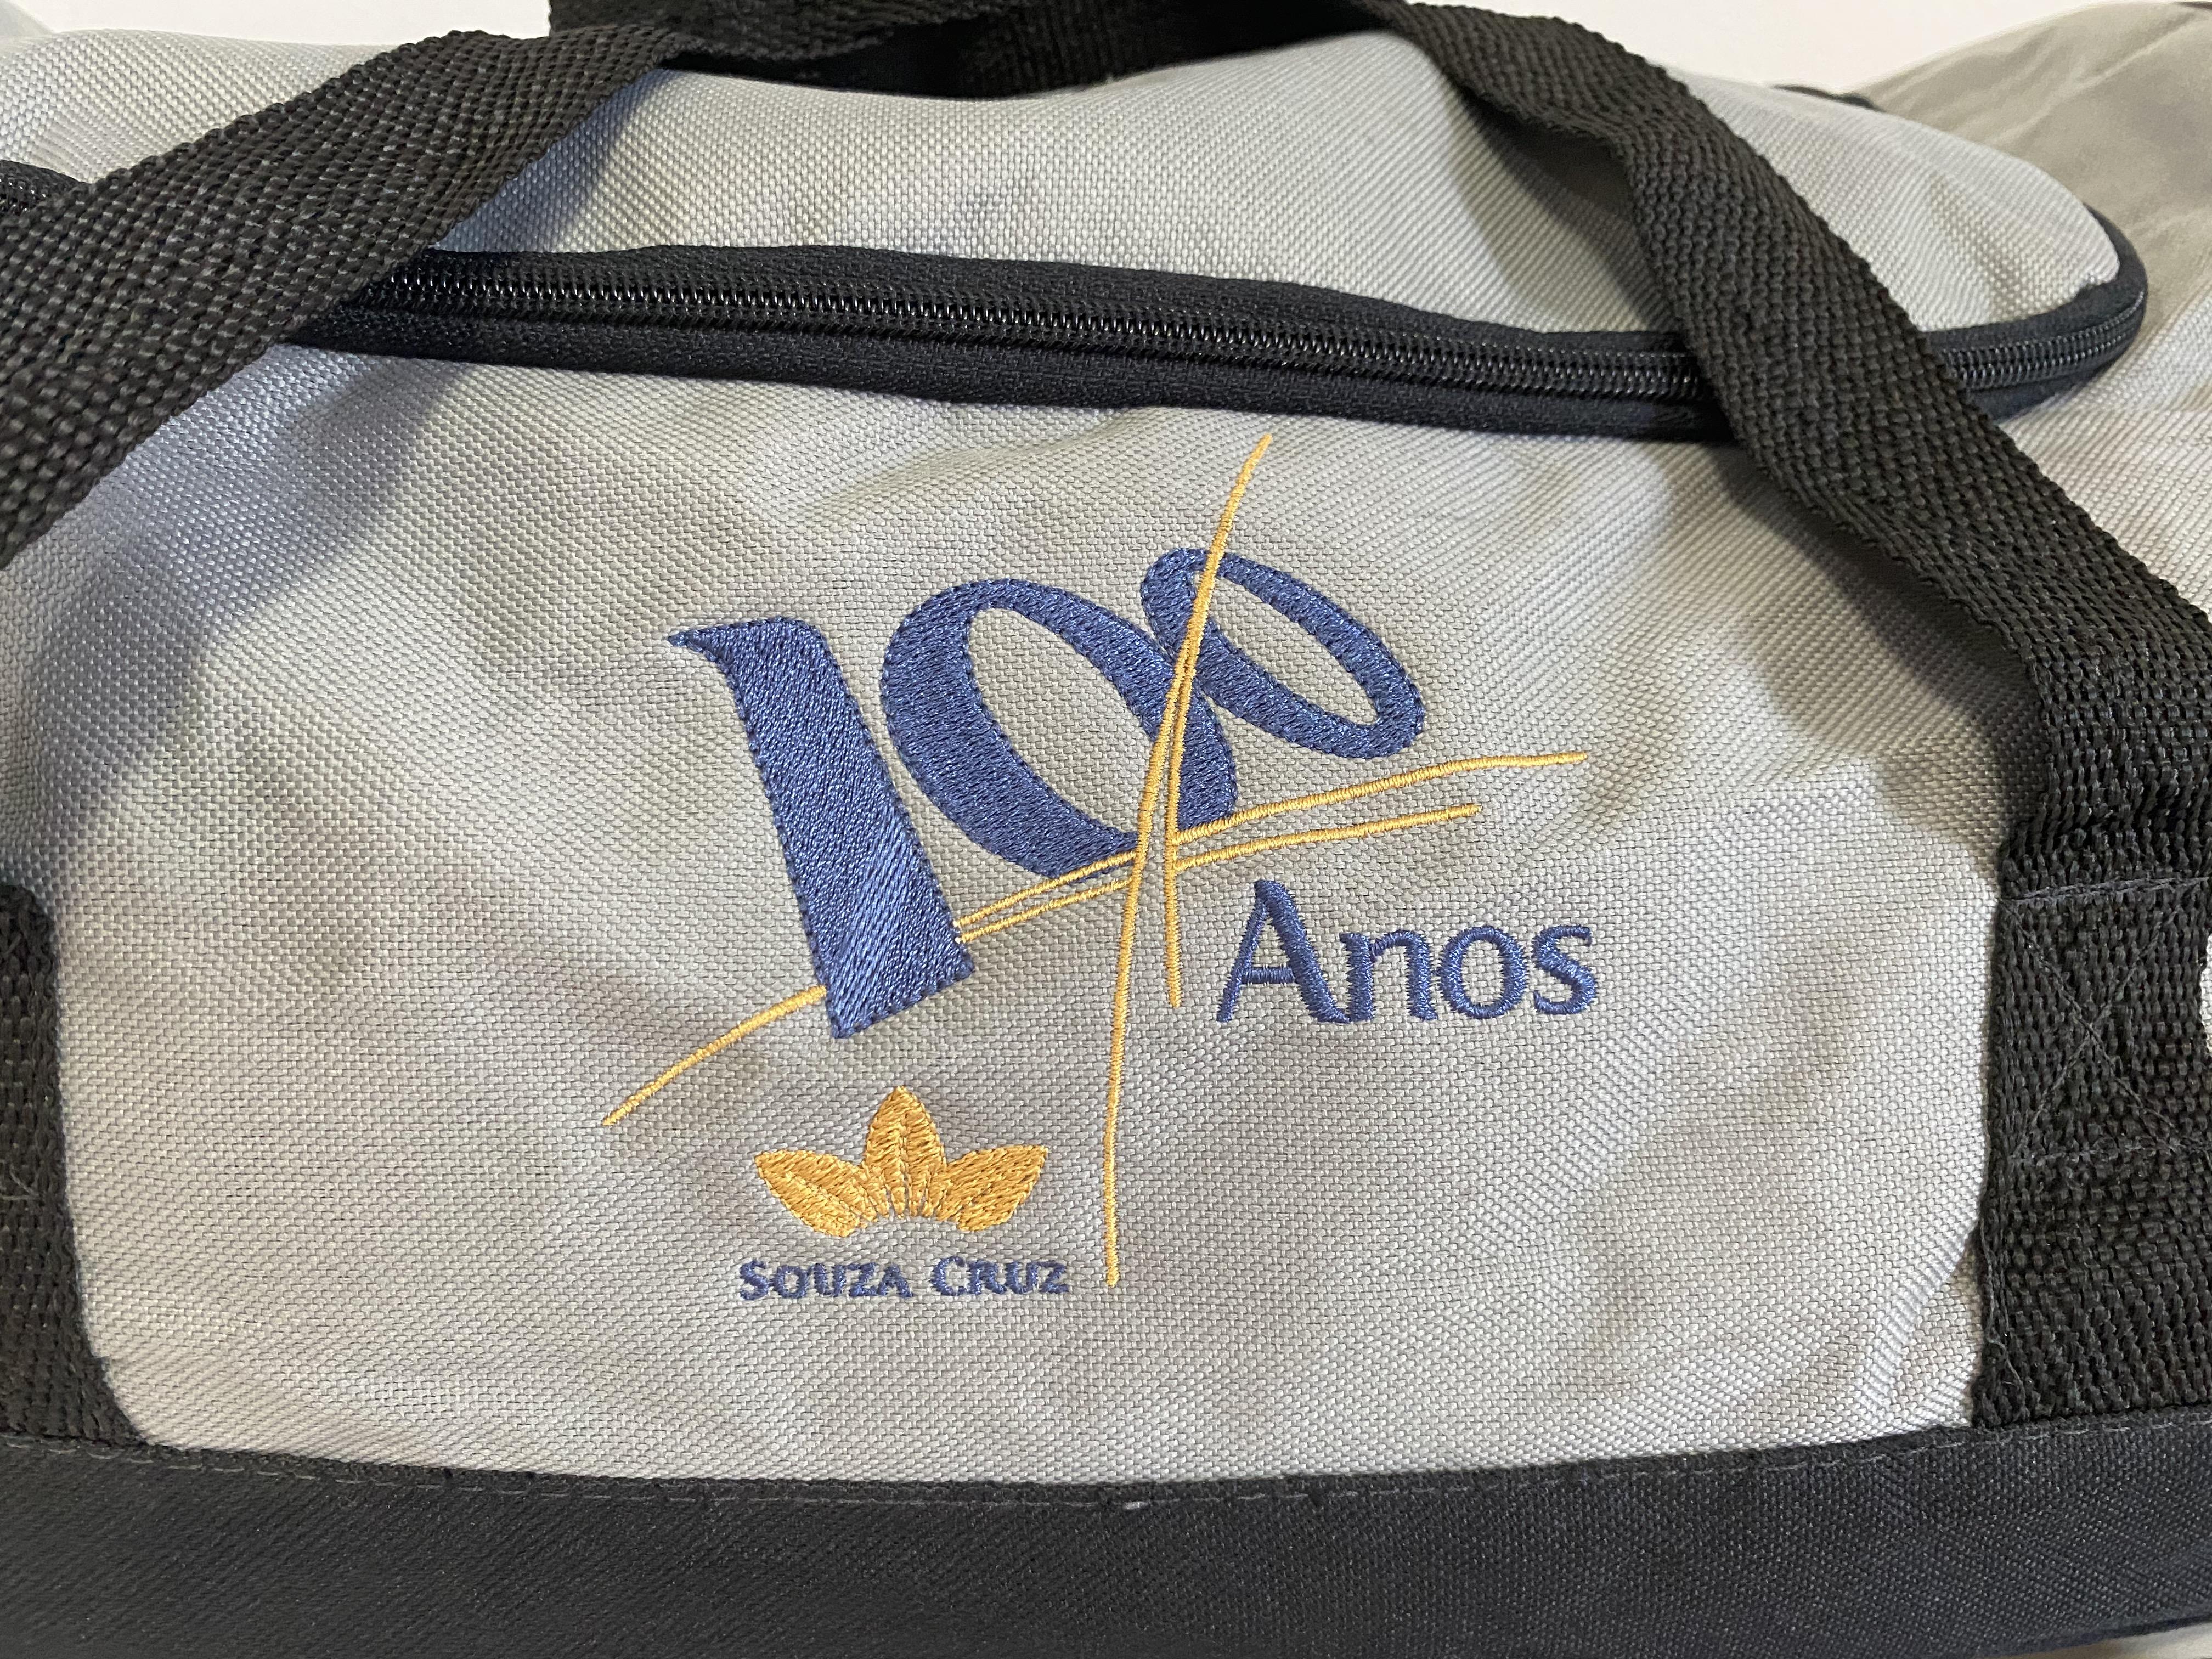 100 anos Souza Cruz